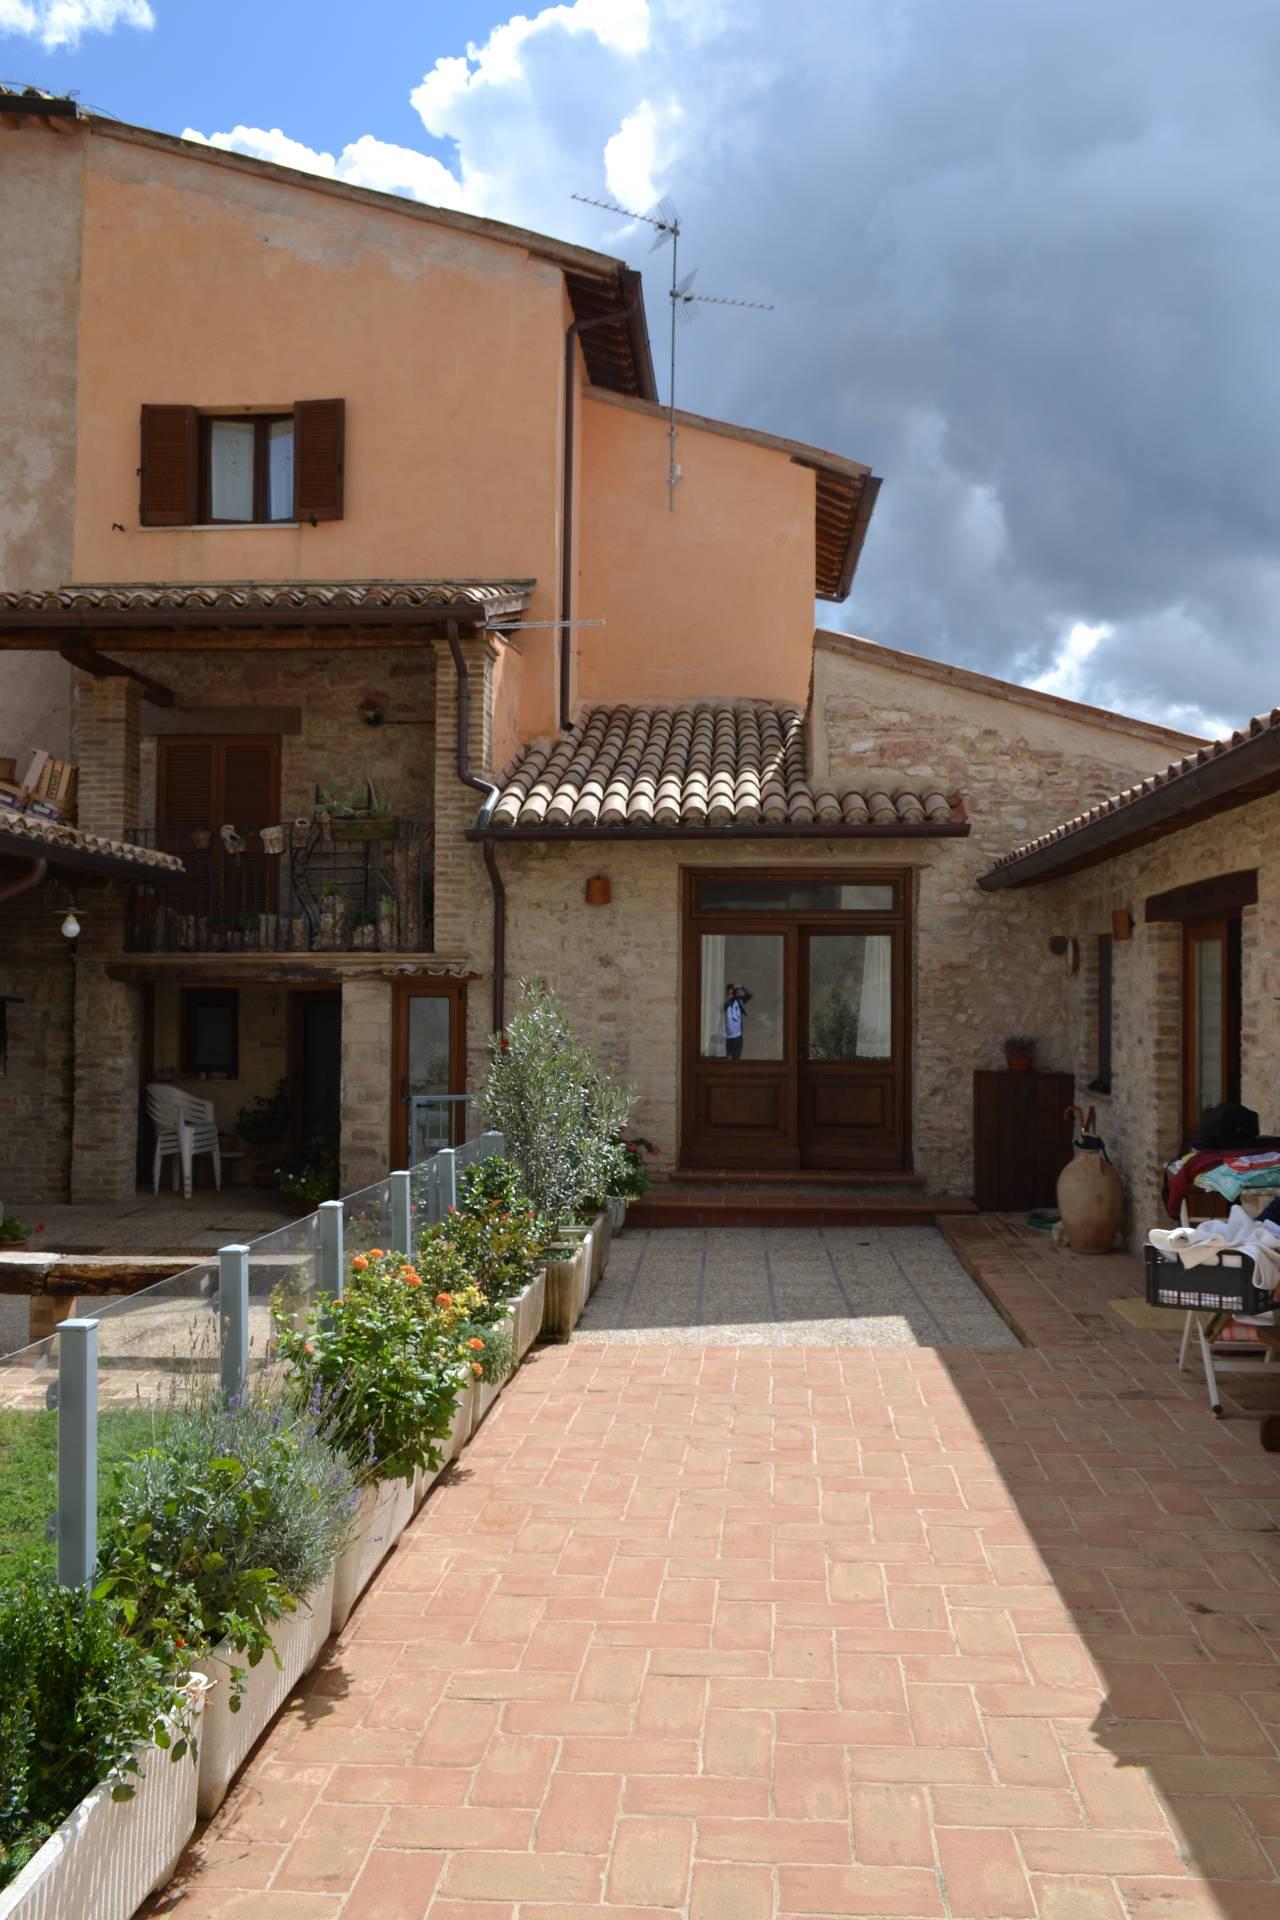 Appartamento in vendita a Giano dell'Umbria, 3 locali, prezzo € 115.000 | CambioCasa.it